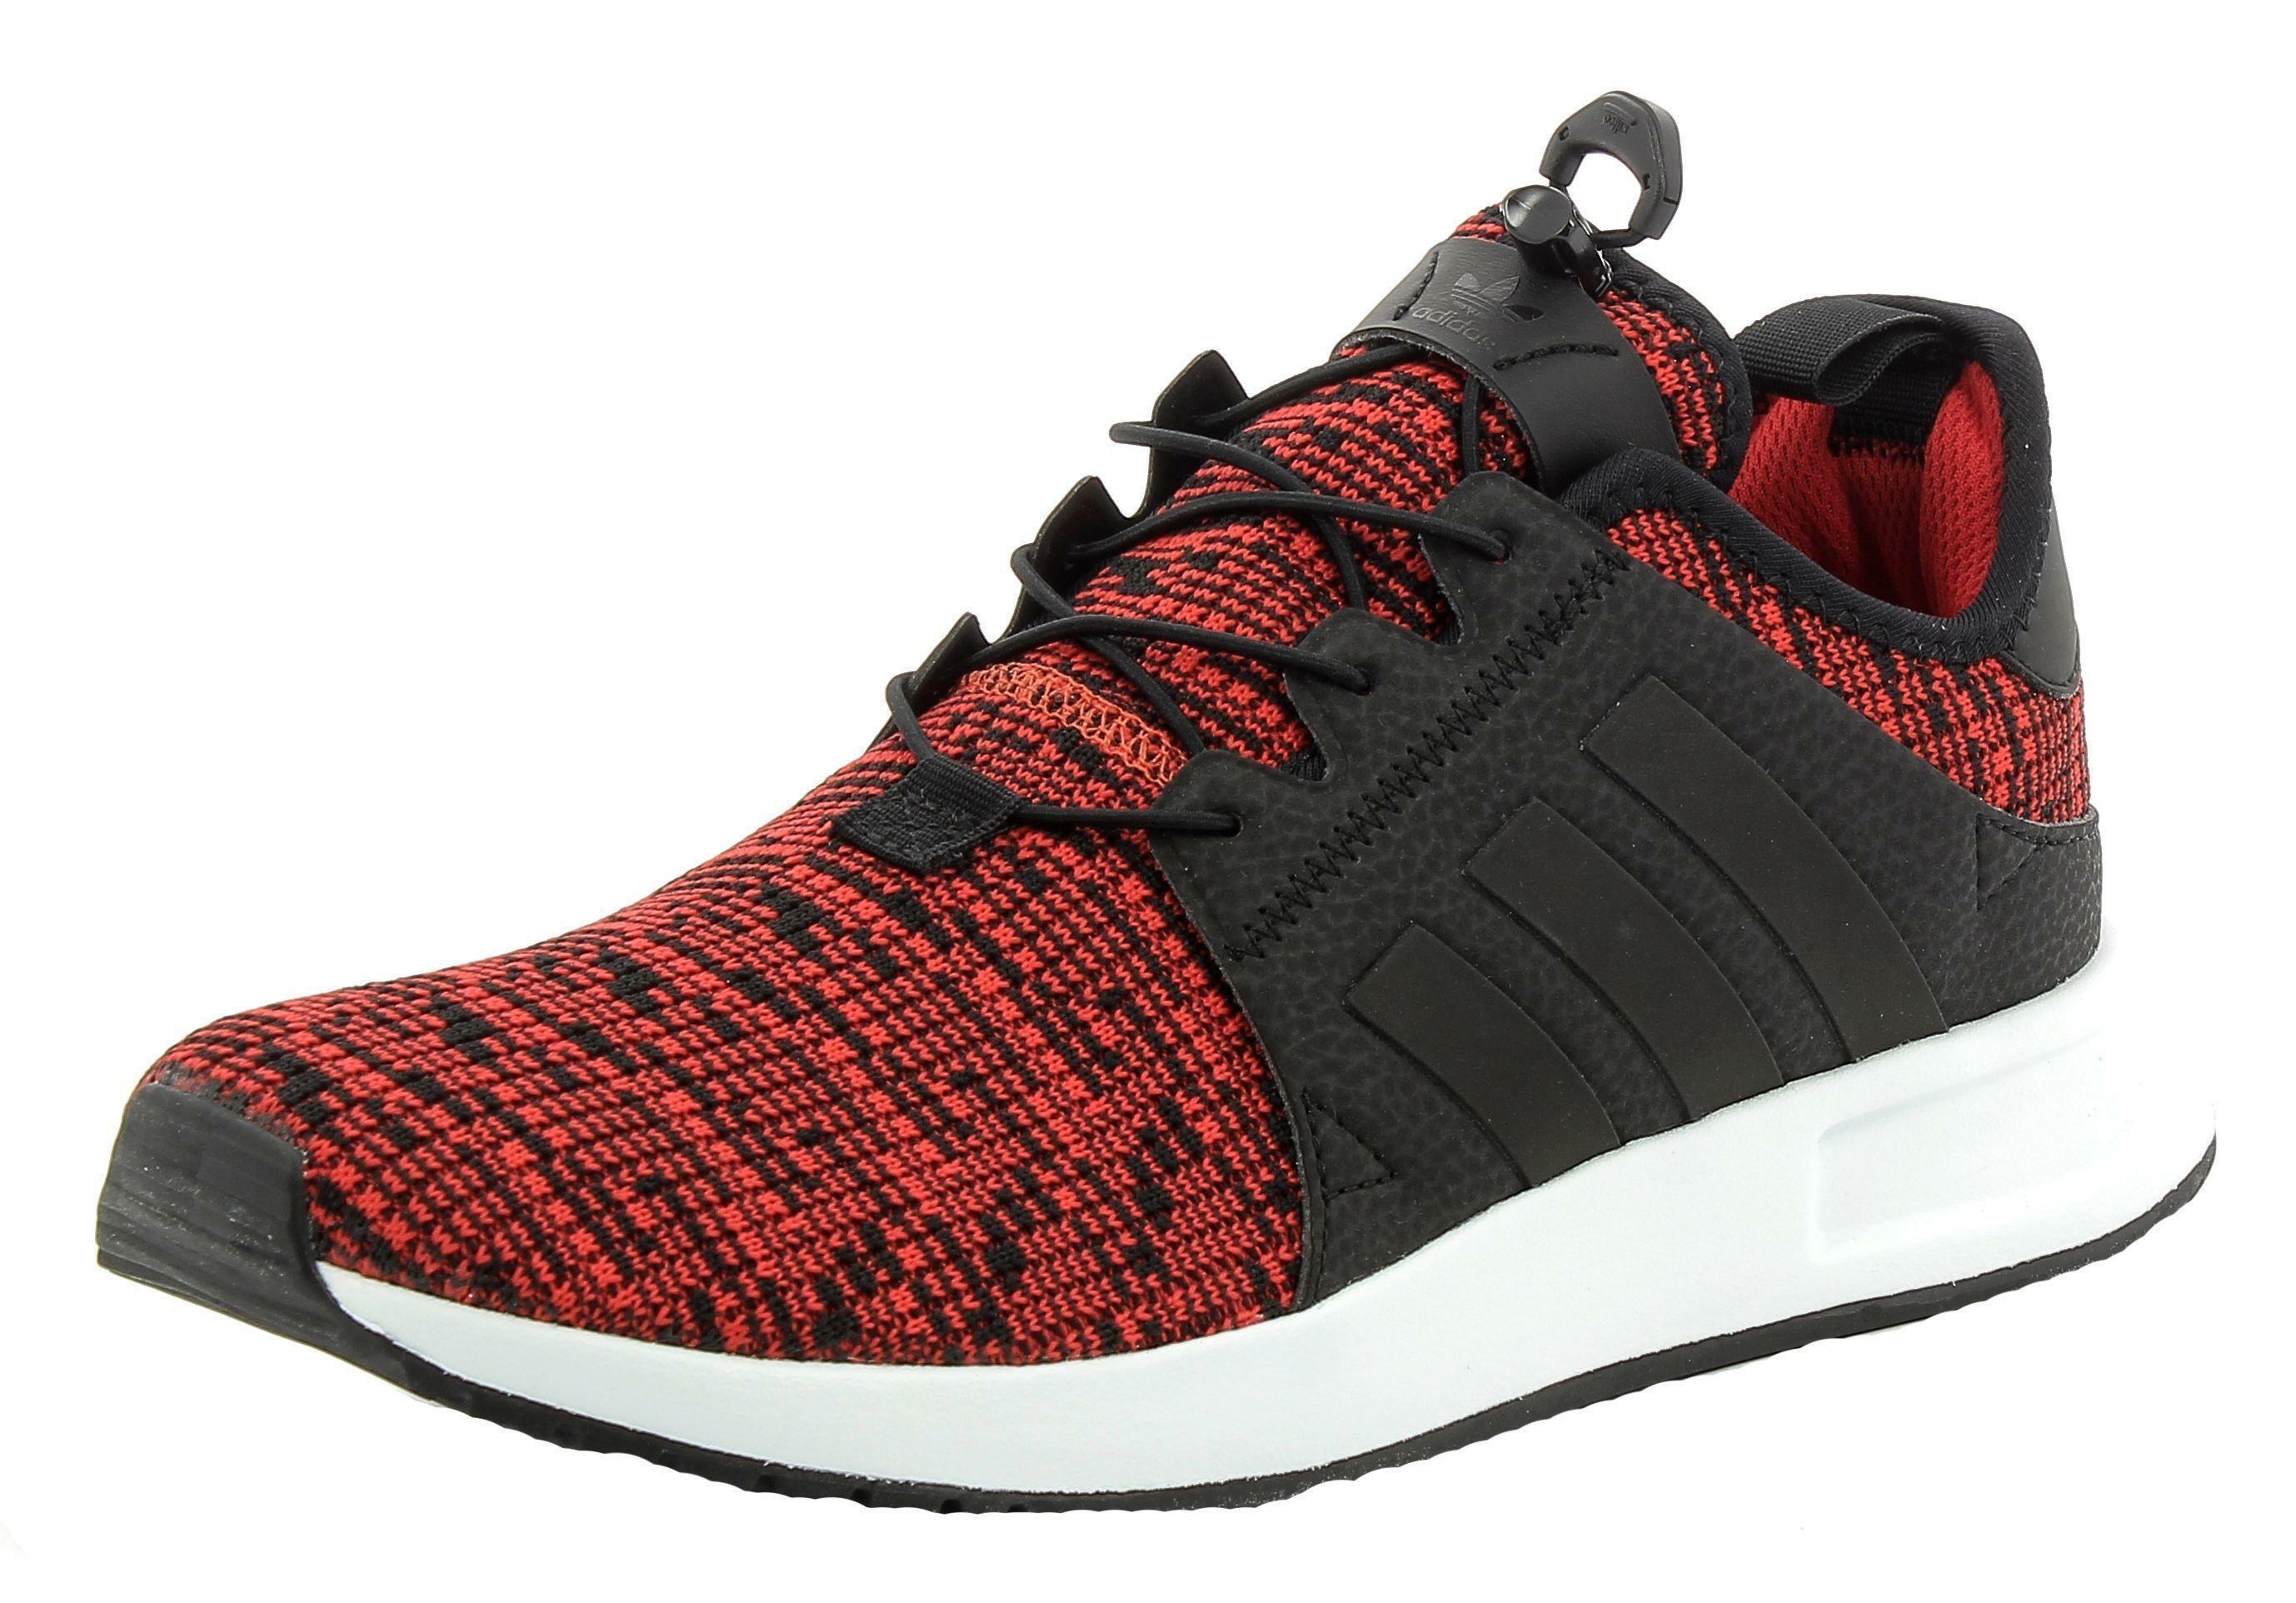 nuovo stile del 2019 cerca ufficiale nuovi prodotti per Adidas x_plr scarpe sportive rosse